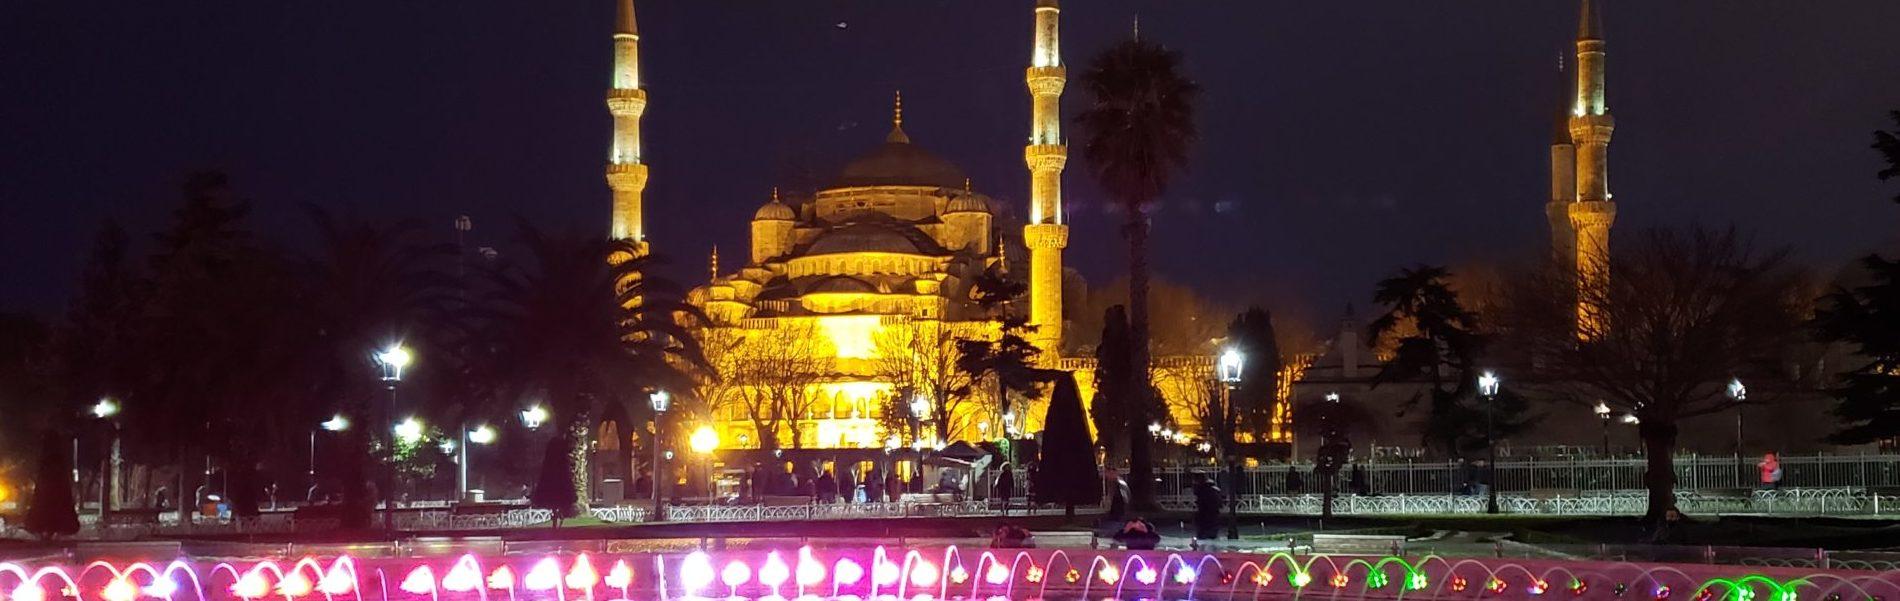 ブルーモスク(イスタンブール)